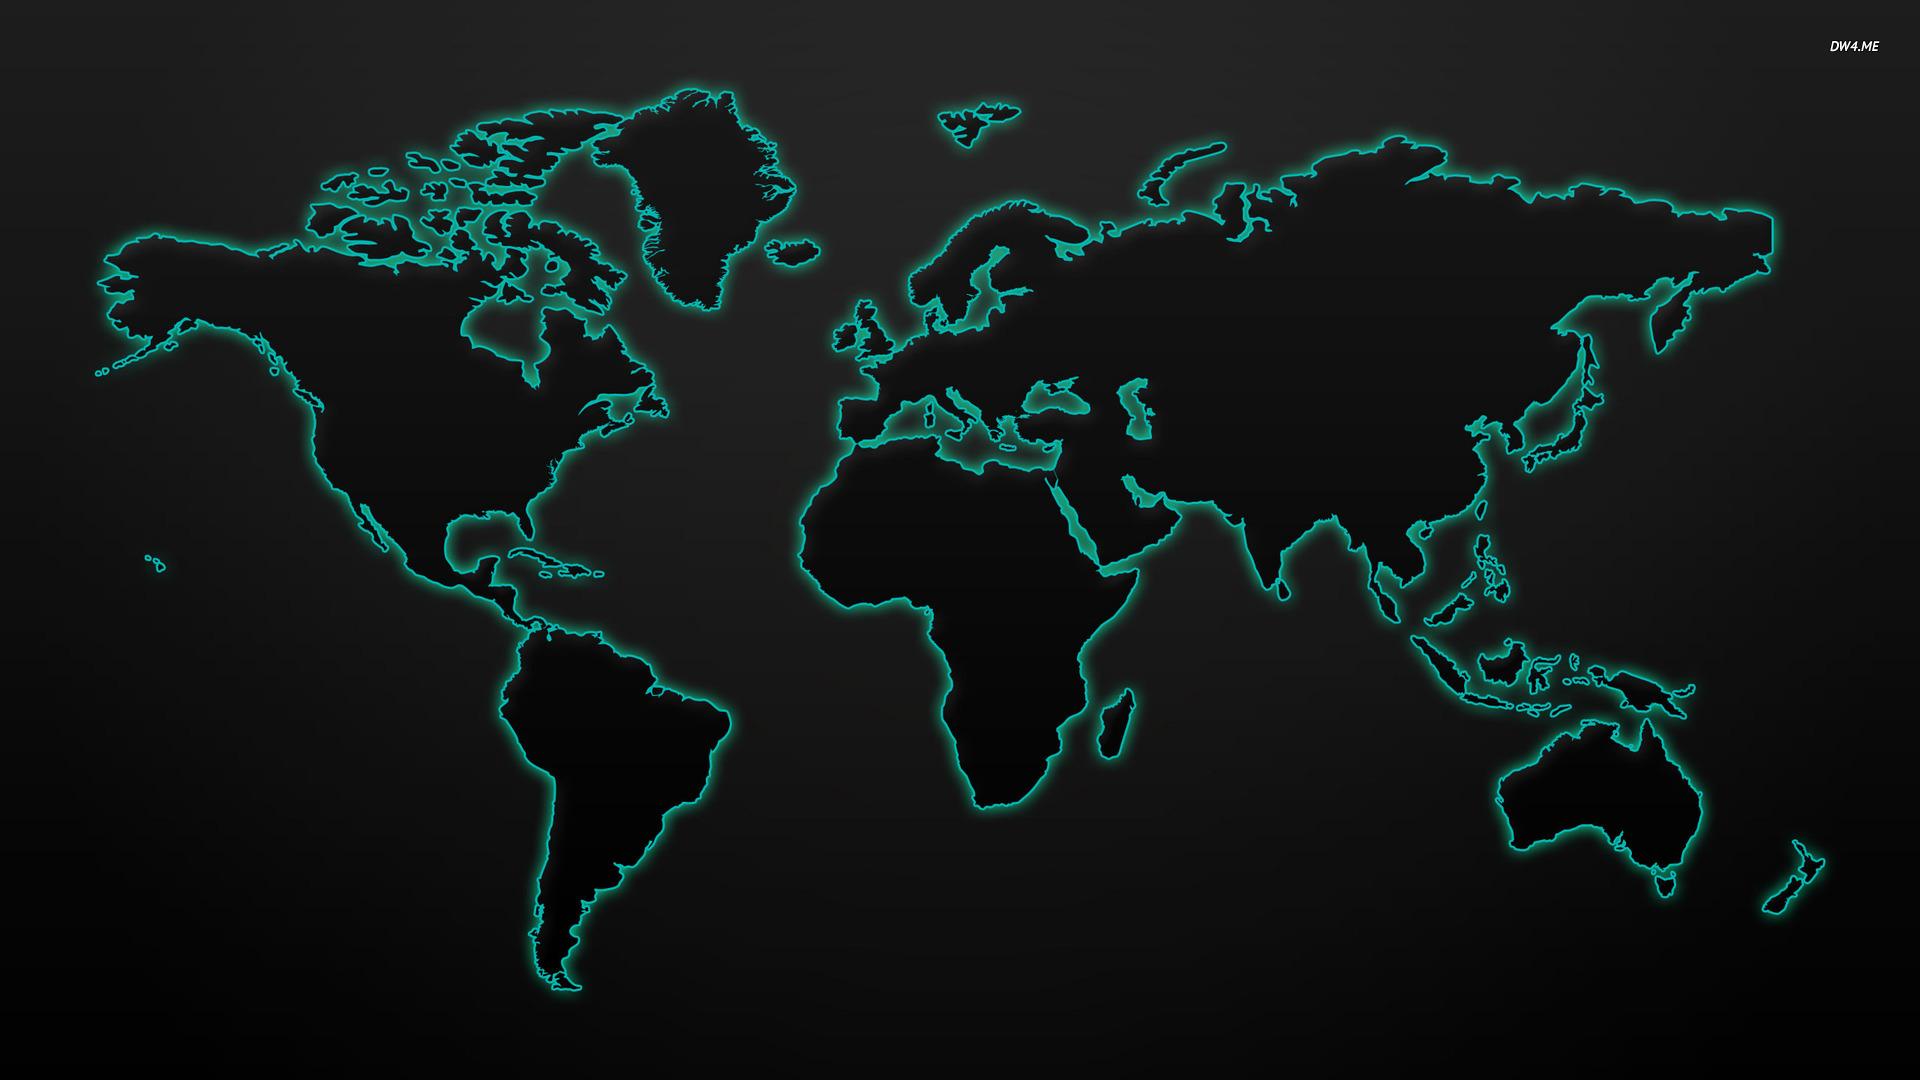 World Map wallpaper 1920x1080 55900 1920x1080